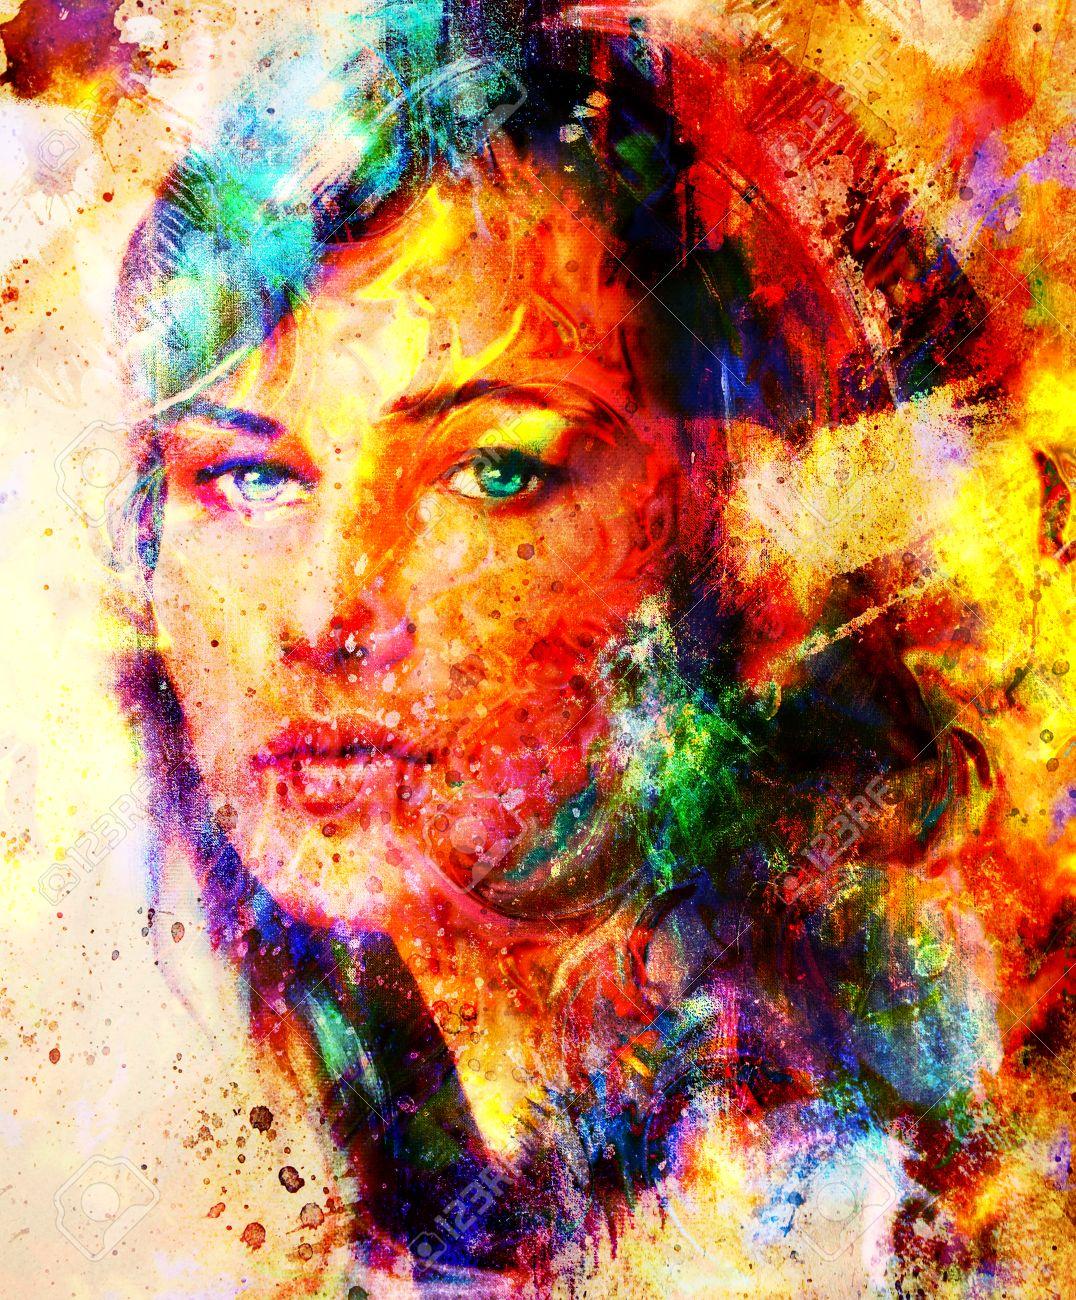 Berühmt Jeune Femme, Portrait, Peinture De Couleur Sur Fond Abstrait  OY47